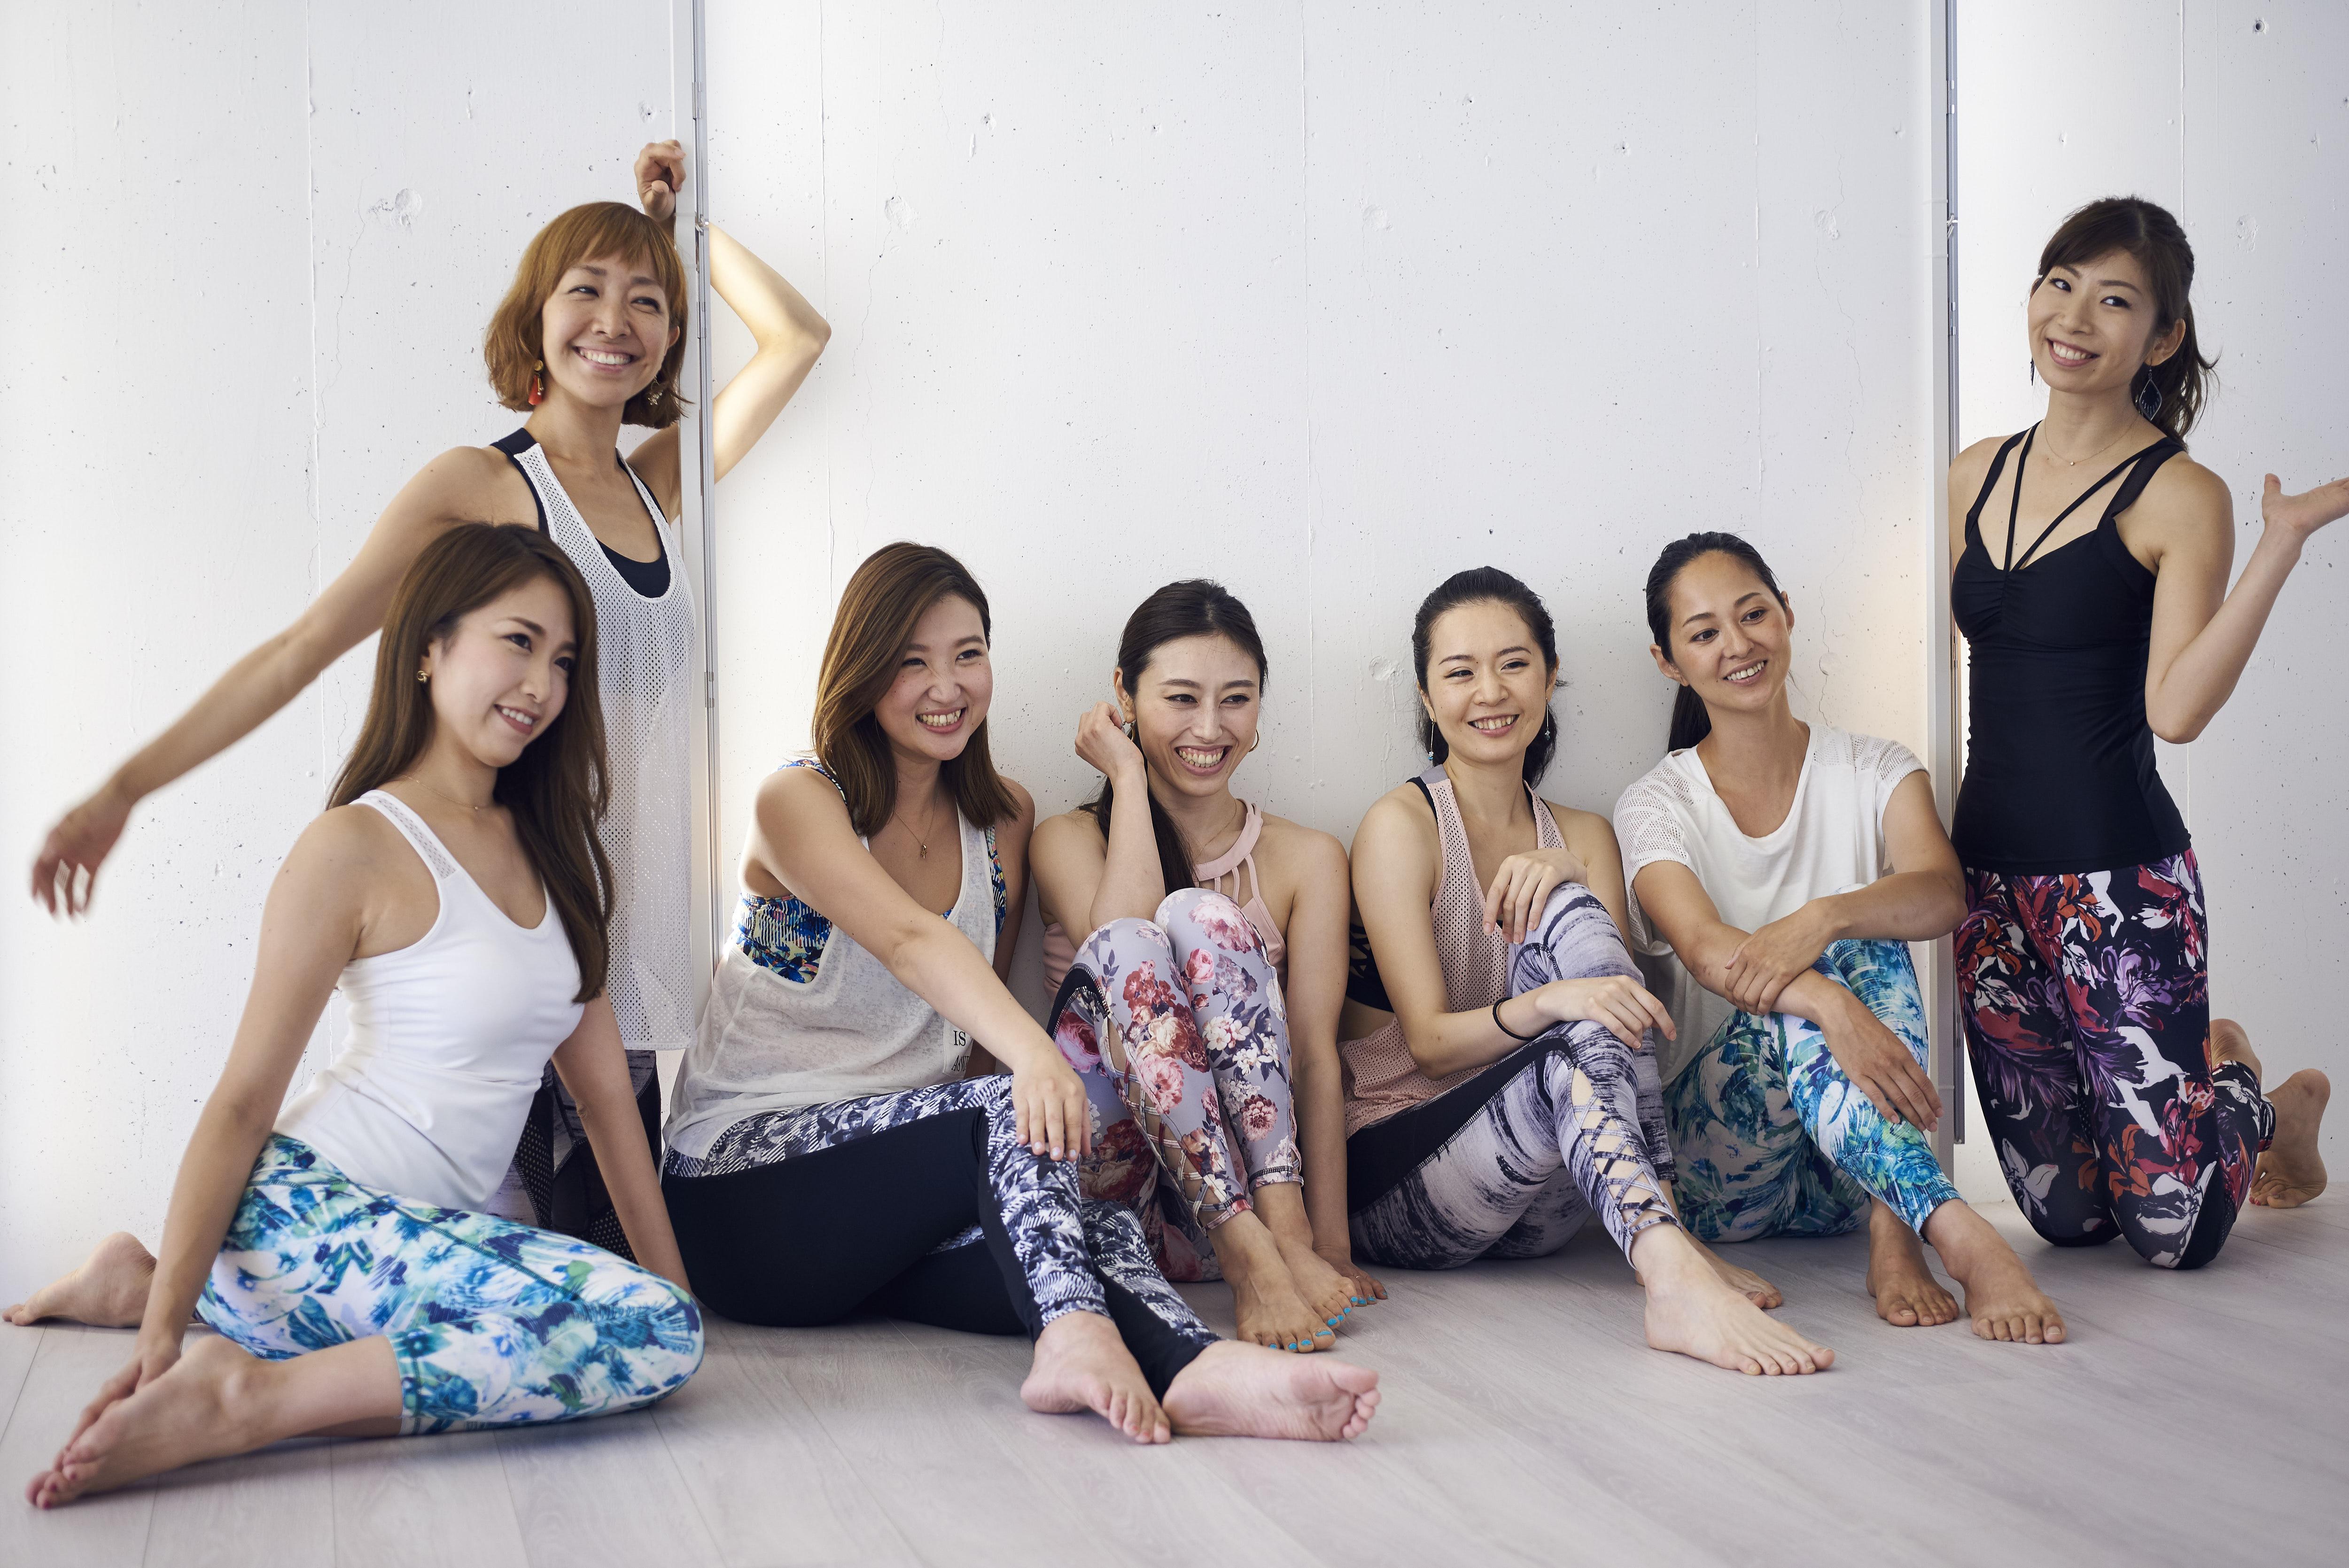 本物のQOL向上を目指す新しいコンセプトのヨガスタジオ『@ yoga life_ヨガライフ』南青山にオープン!